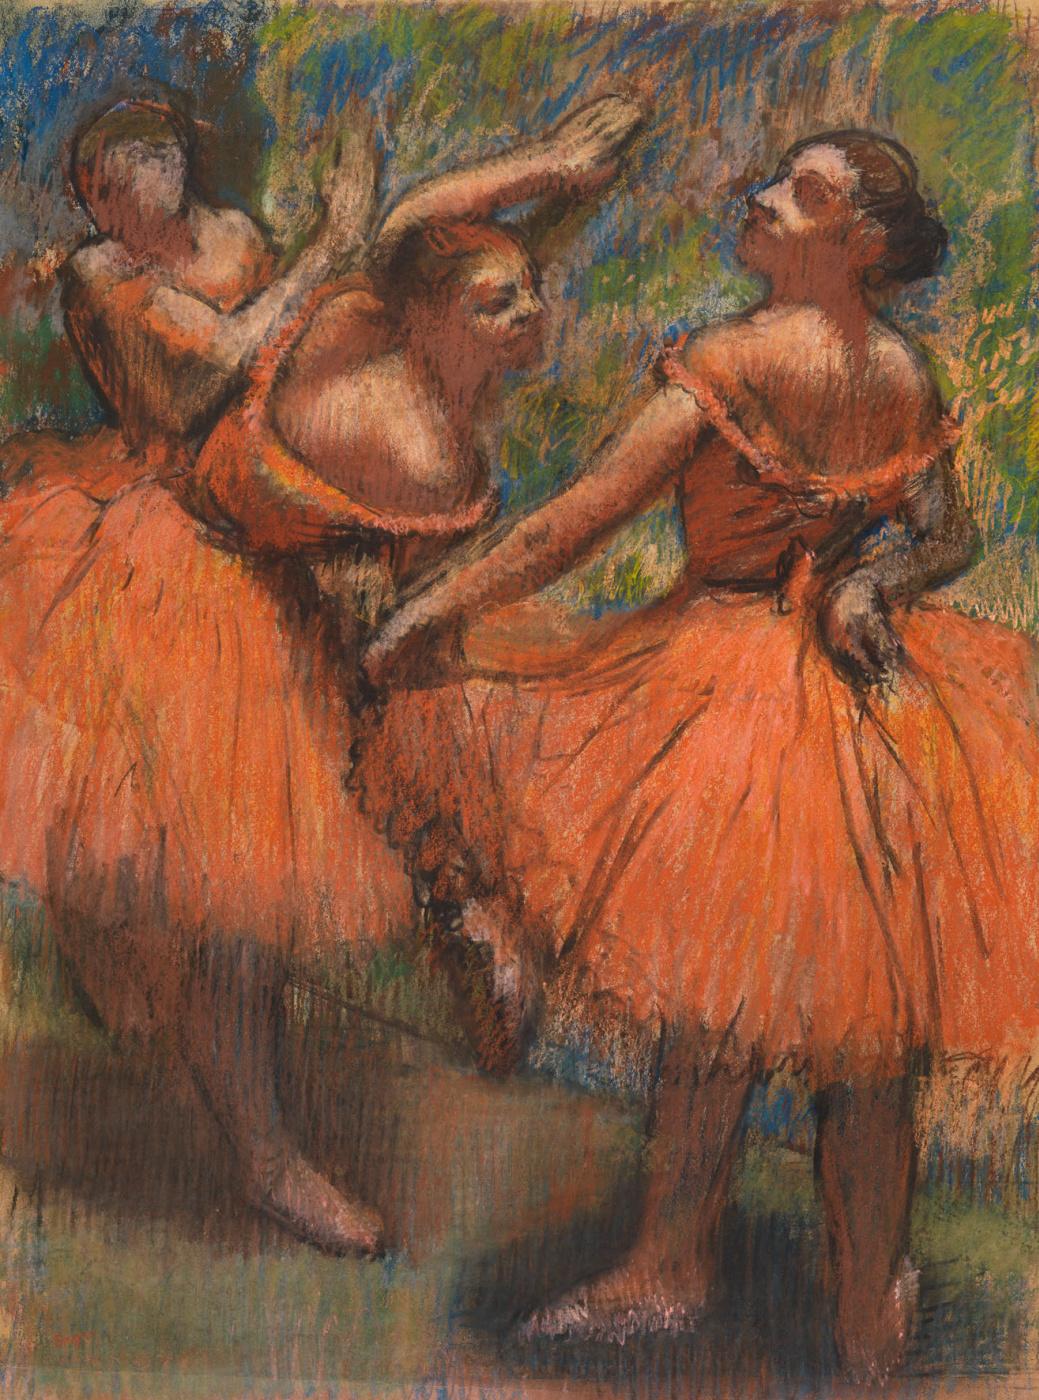 Edgar Degas. Ballerina in orange packs